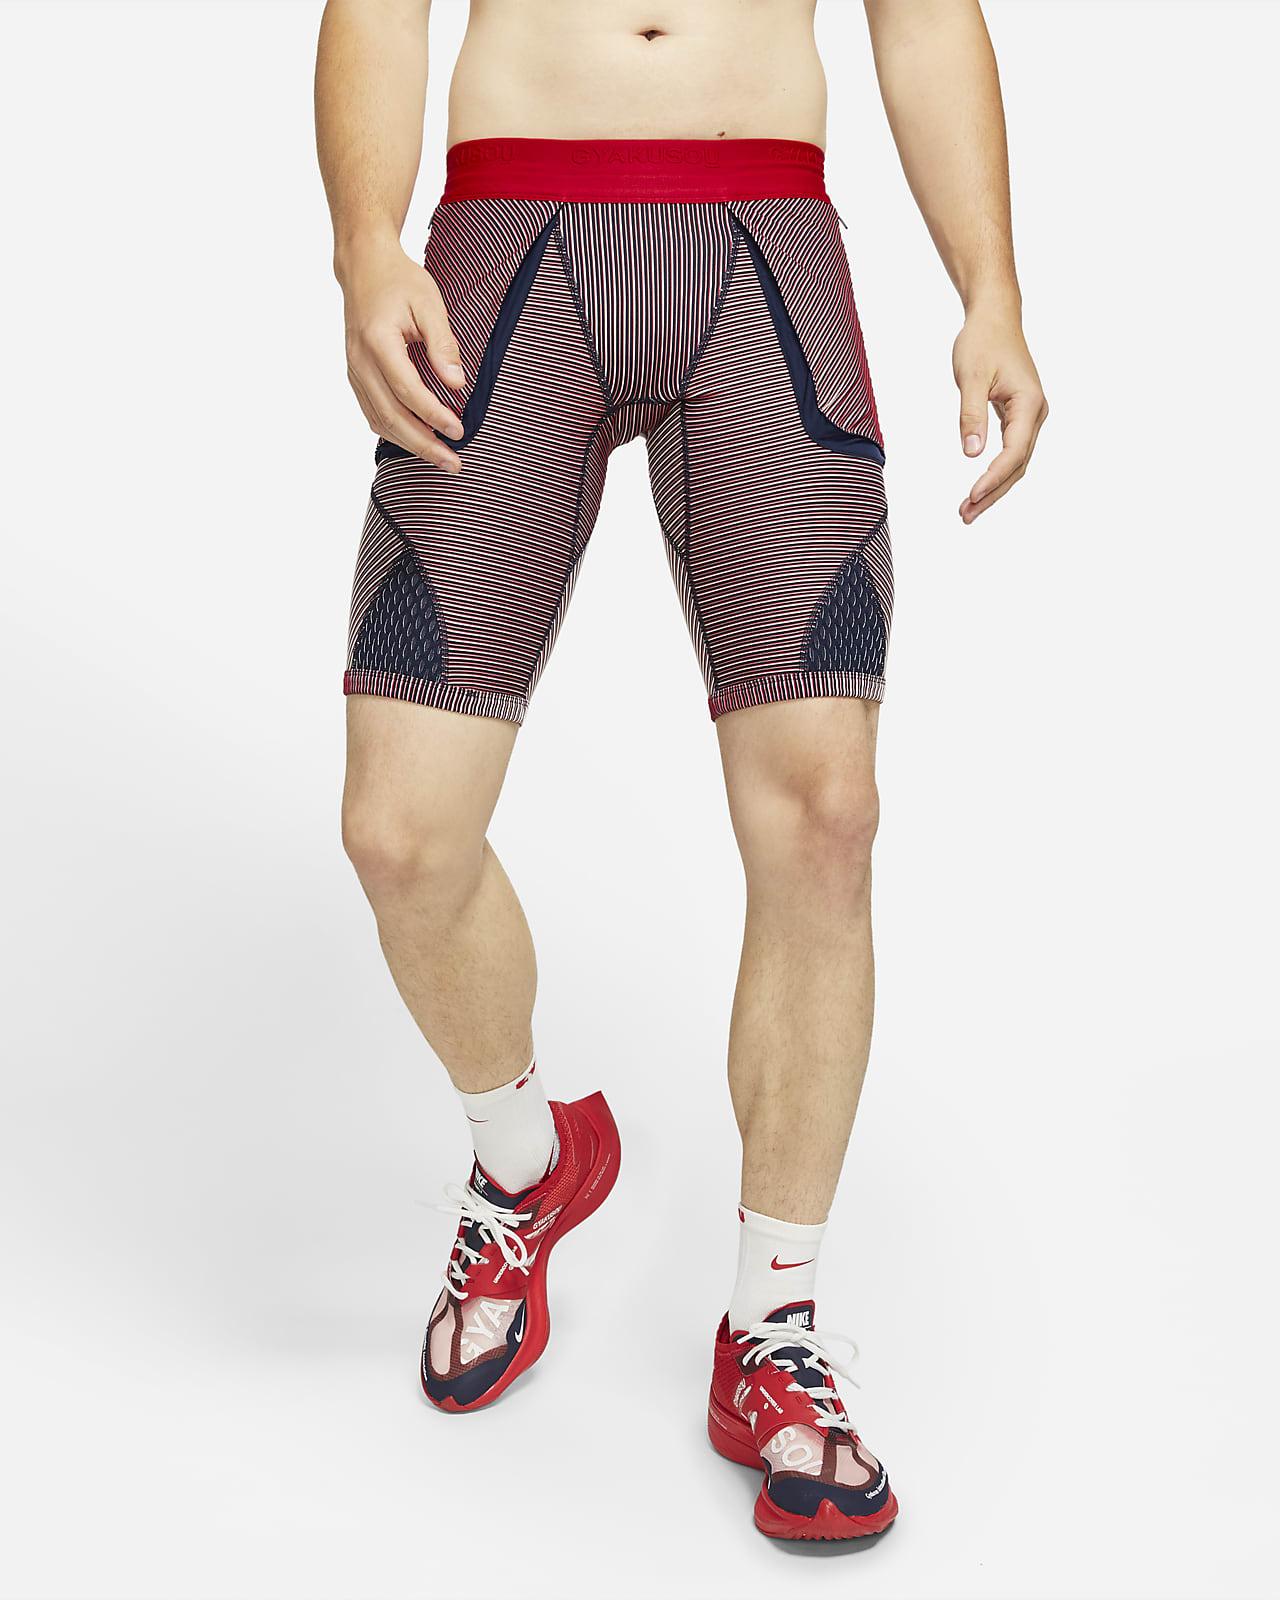 กางเกงขาสั้นอเนกประสงค์ผู้ชาย Nike x Gyakusou